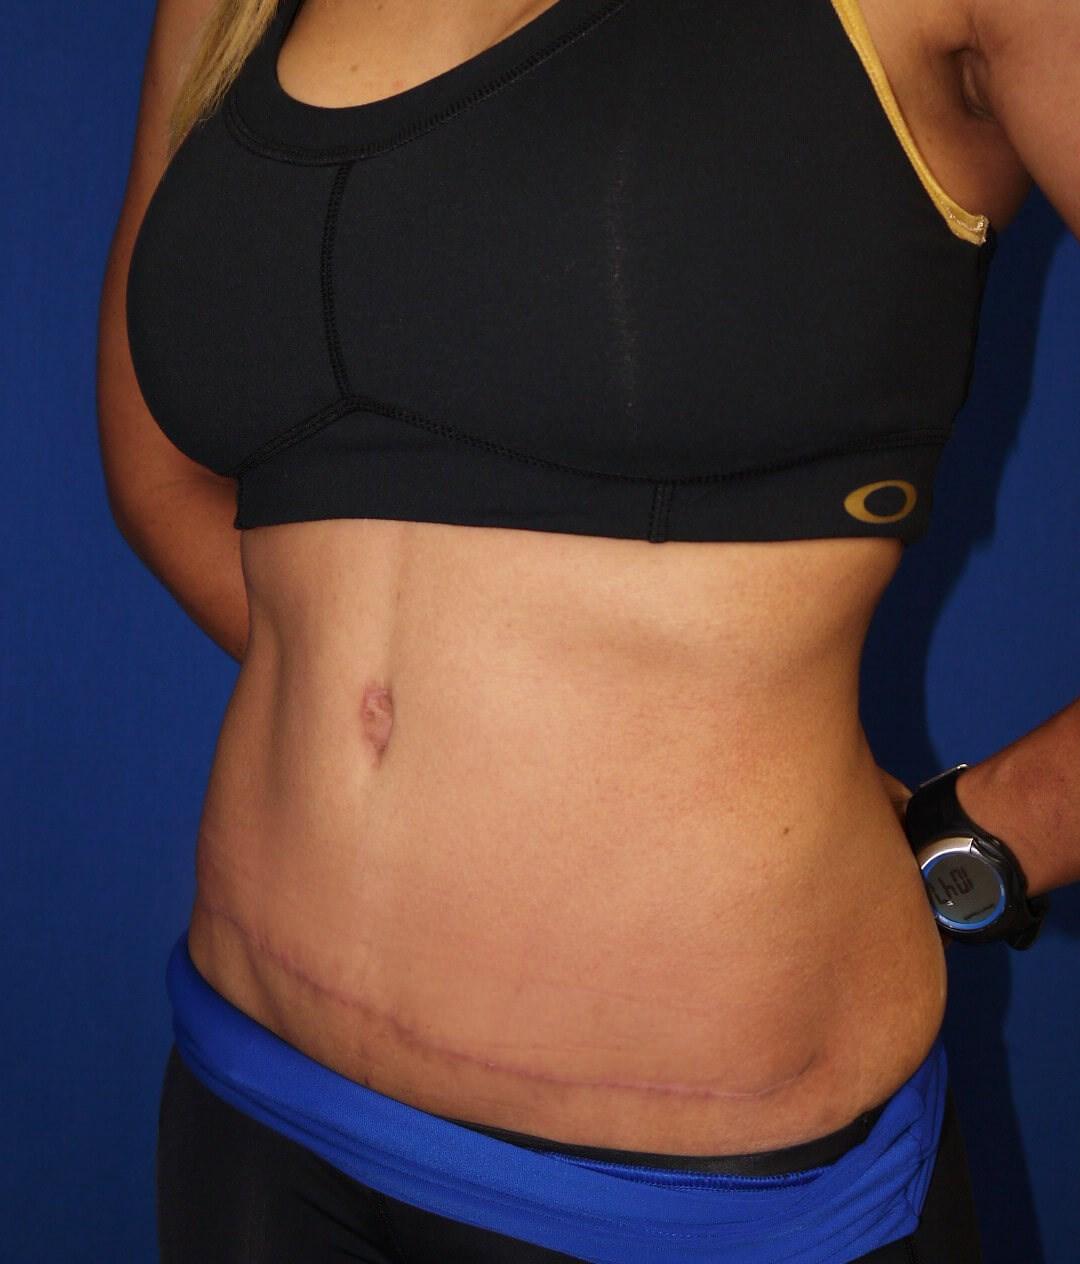 tummy tuck after - Left Oblique View - Left Oblique View